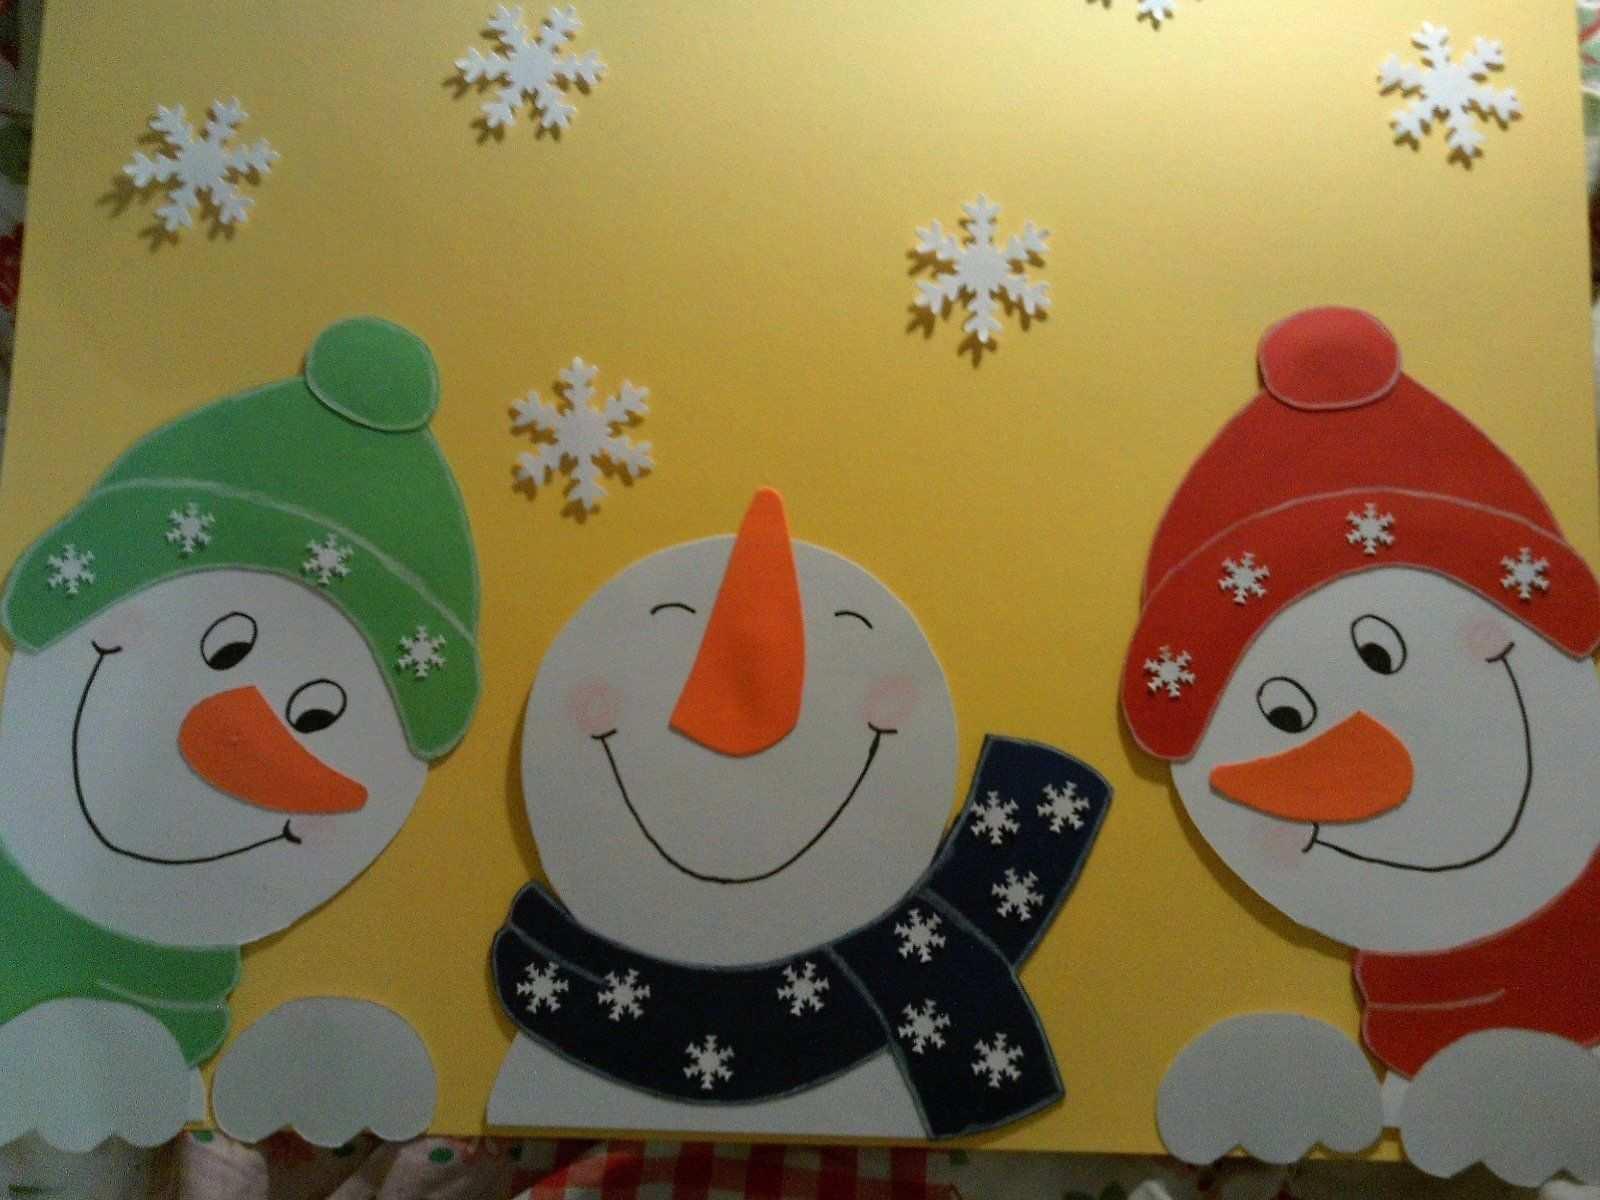 Fenstergucker Schneemanner Fensterbilder Tonkarton Eur 8 50 Pi Weihnachten Basteln Tonkarton Fensterbilder Weihnachten Basteln Schneemanner Basteln Fenster